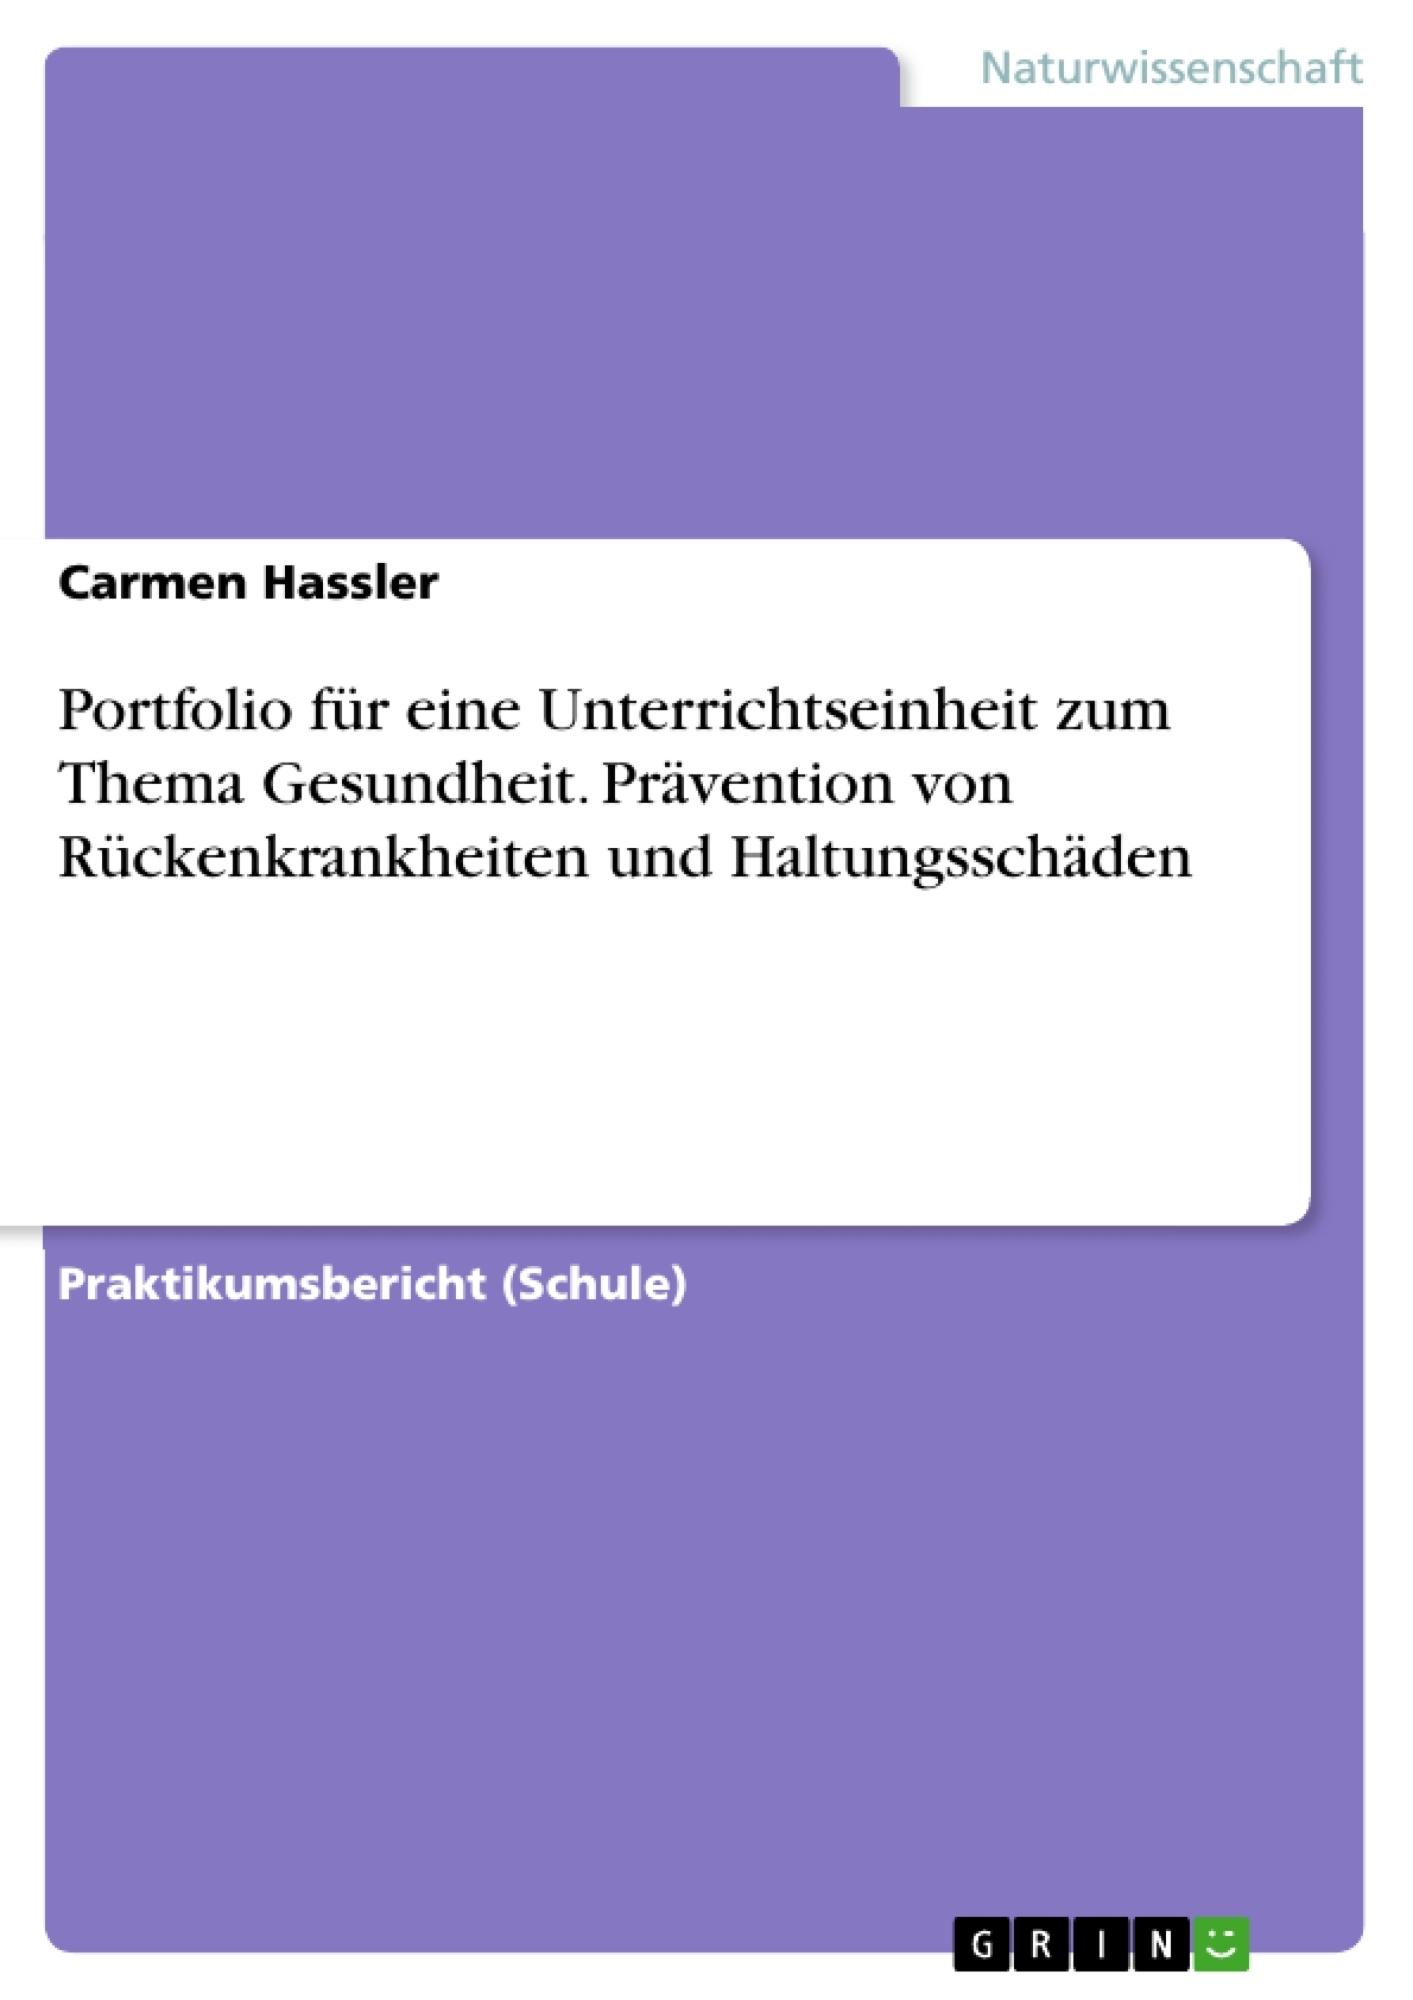 Titel: Portfolio für eine Unterrichtseinheit zum Thema Gesundheit. Prävention von Rückenkrankheiten und Haltungsschäden